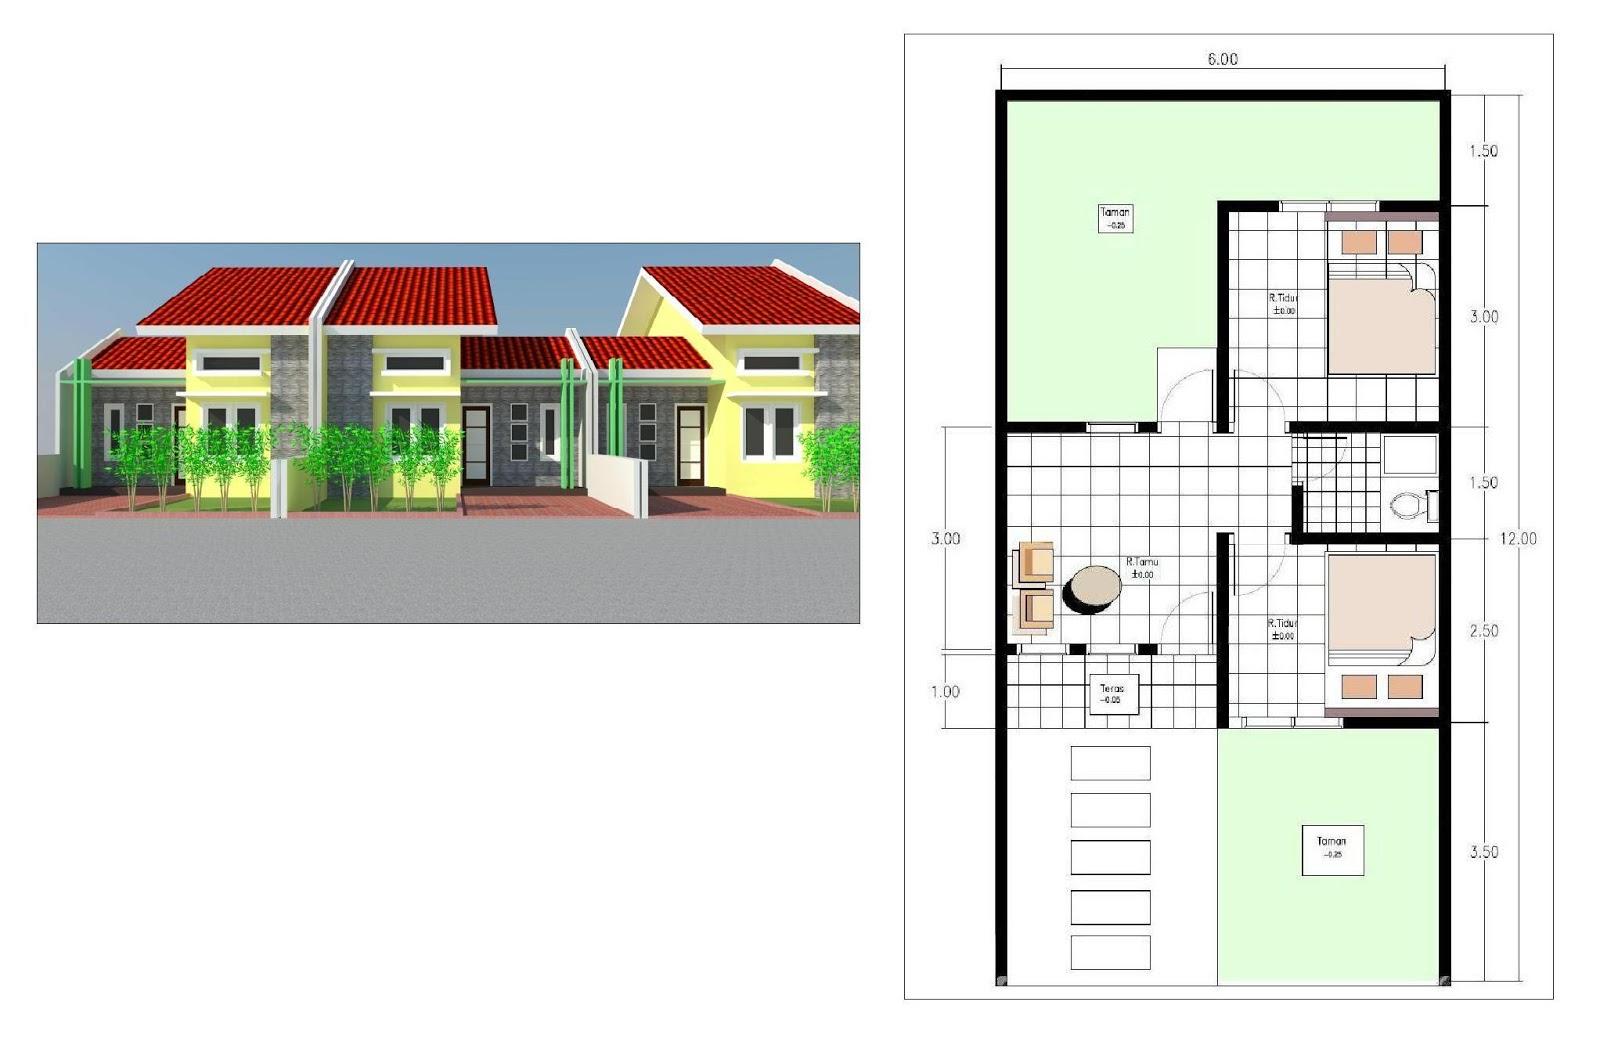 Desain Rumah Tipe 30 Jasa Desain Gambar Rumah Minimalis